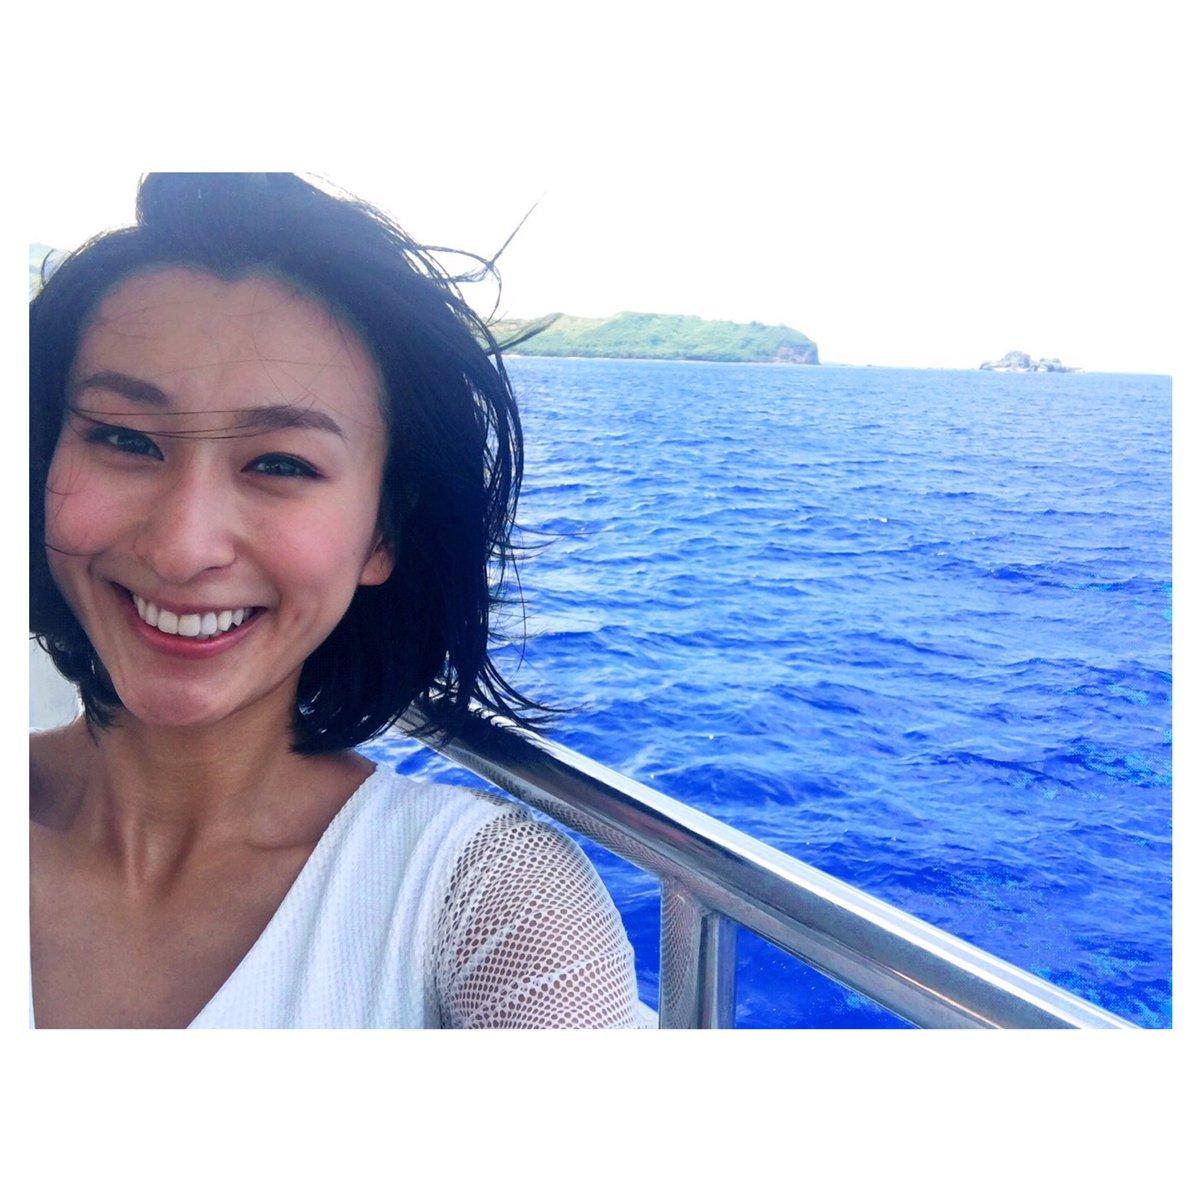 ロイヤルブルーの海のなかクルージングを楽しむ浅田舞さん。きれいなお顔のなかでひときわ目が行くのはきれいすぎる歯です。